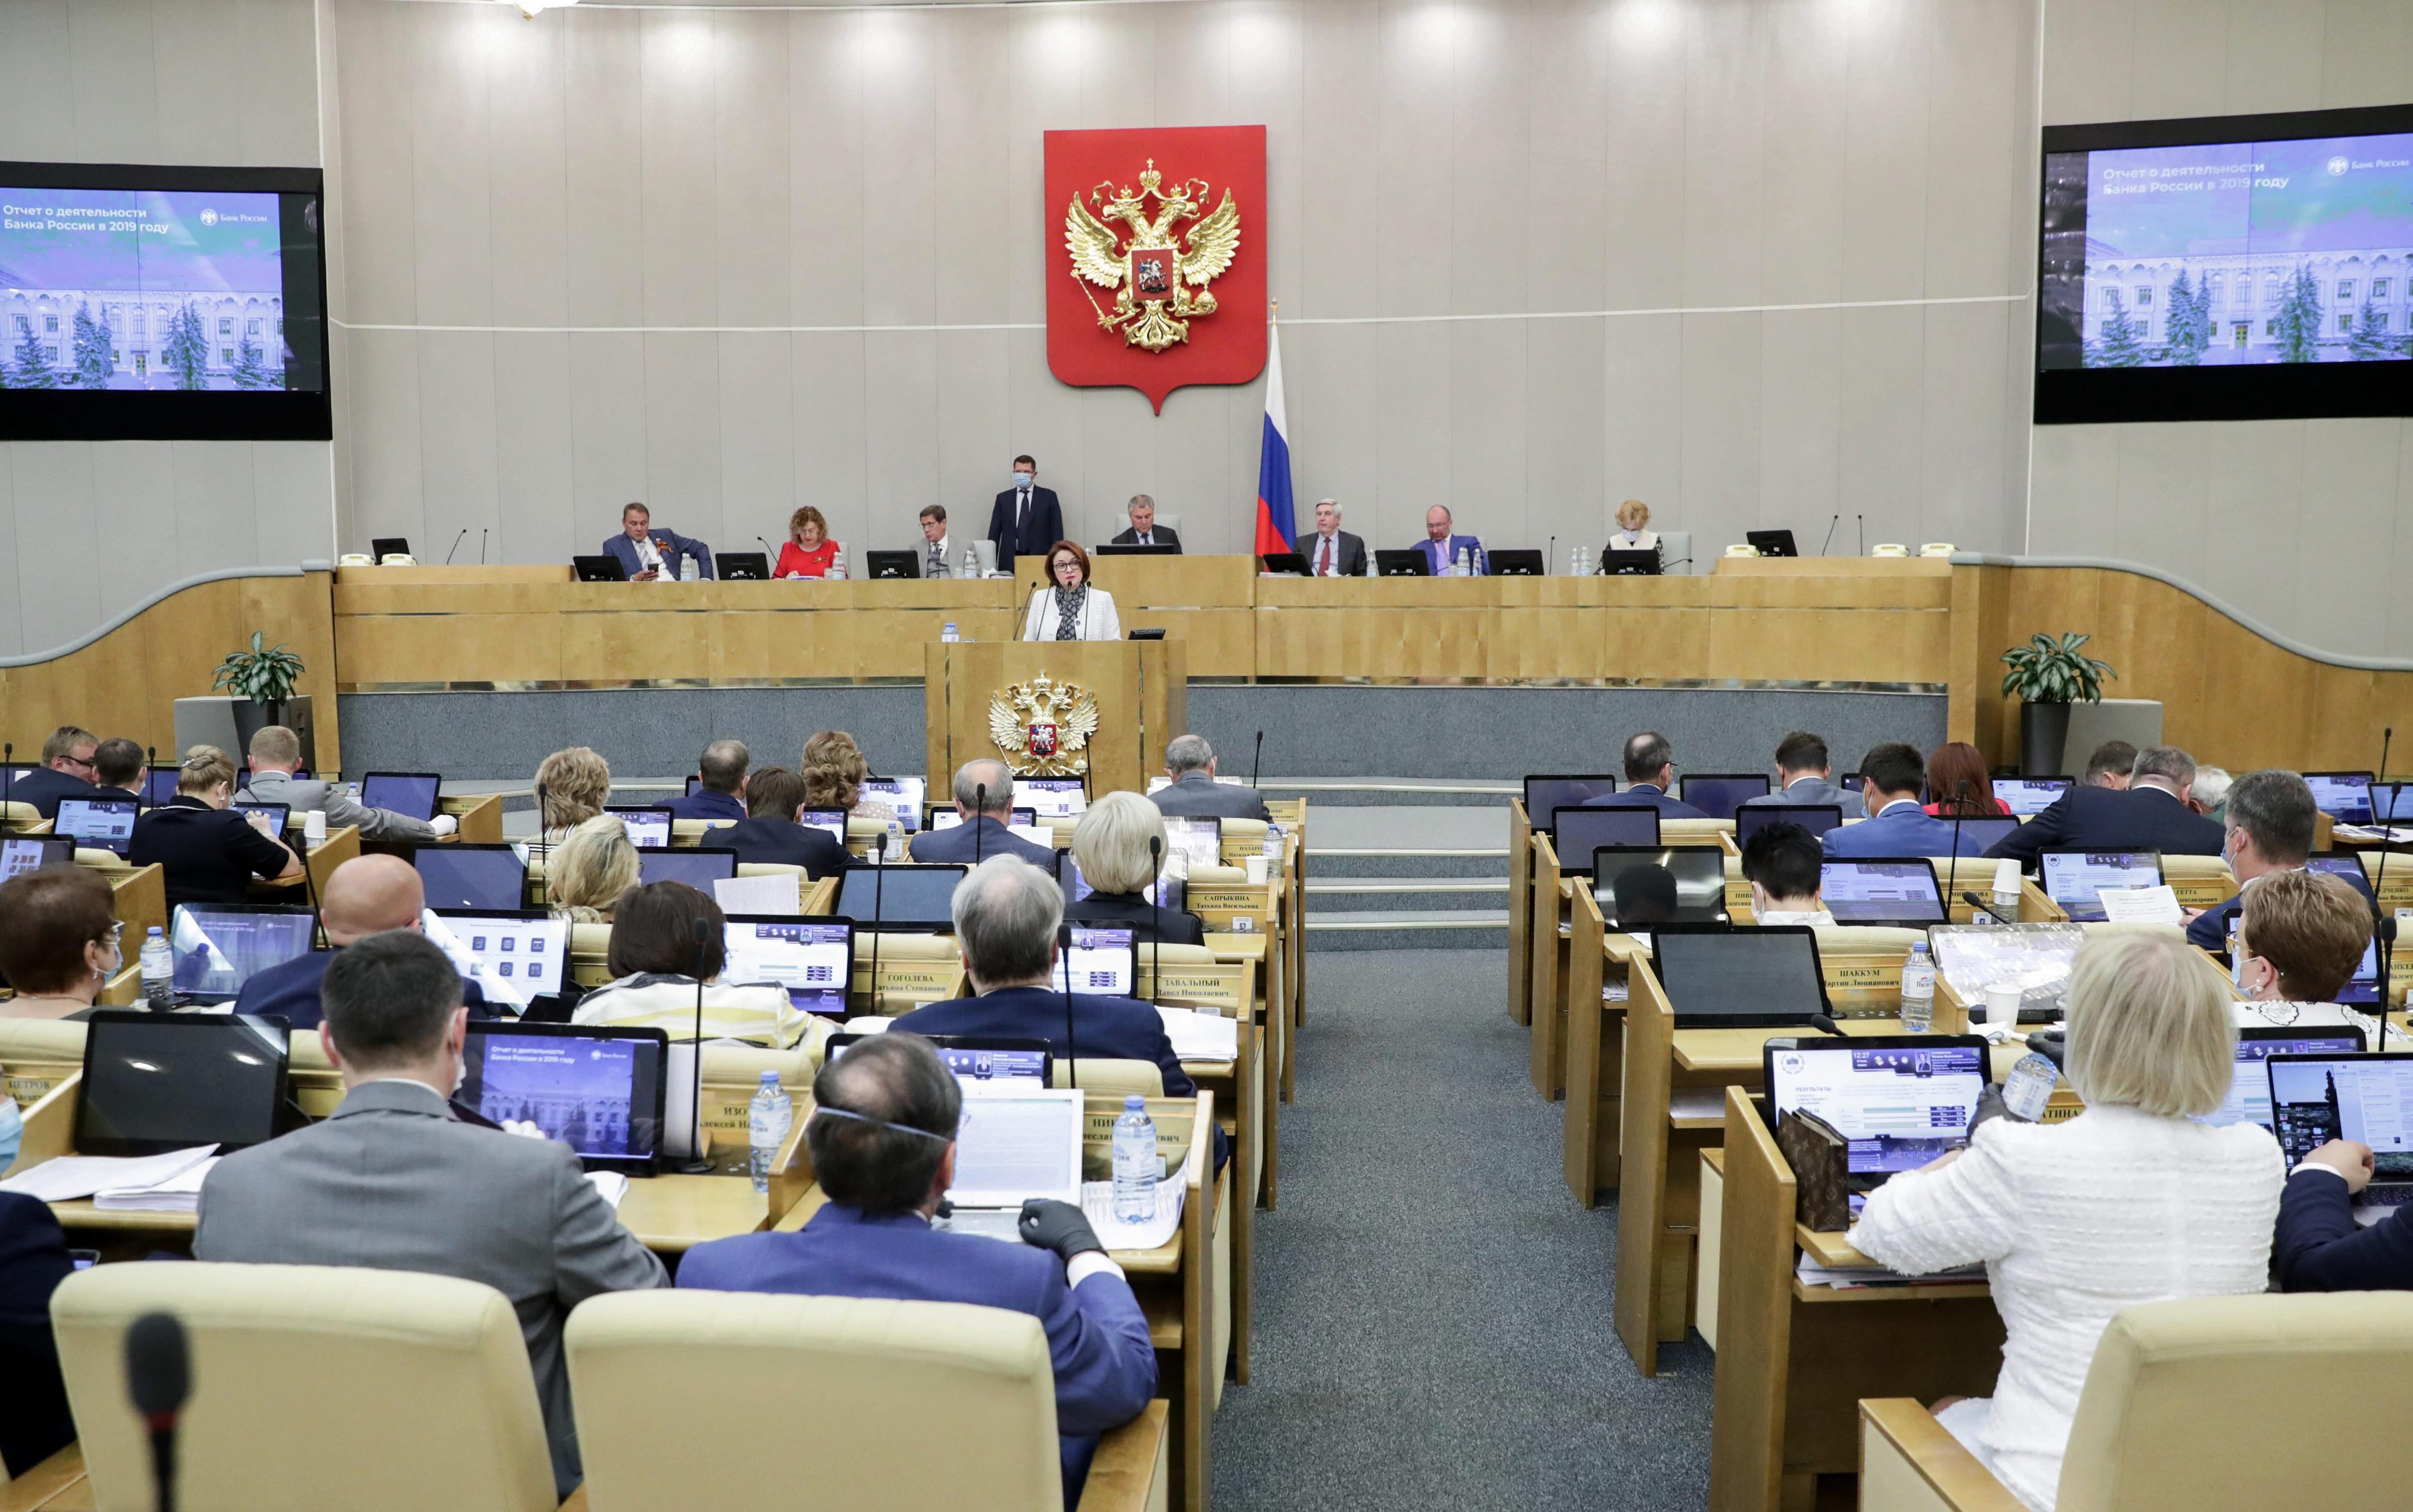 Депутаты внесли в Госдуму законопроект о запрете выселения из бывшего служебного жилья